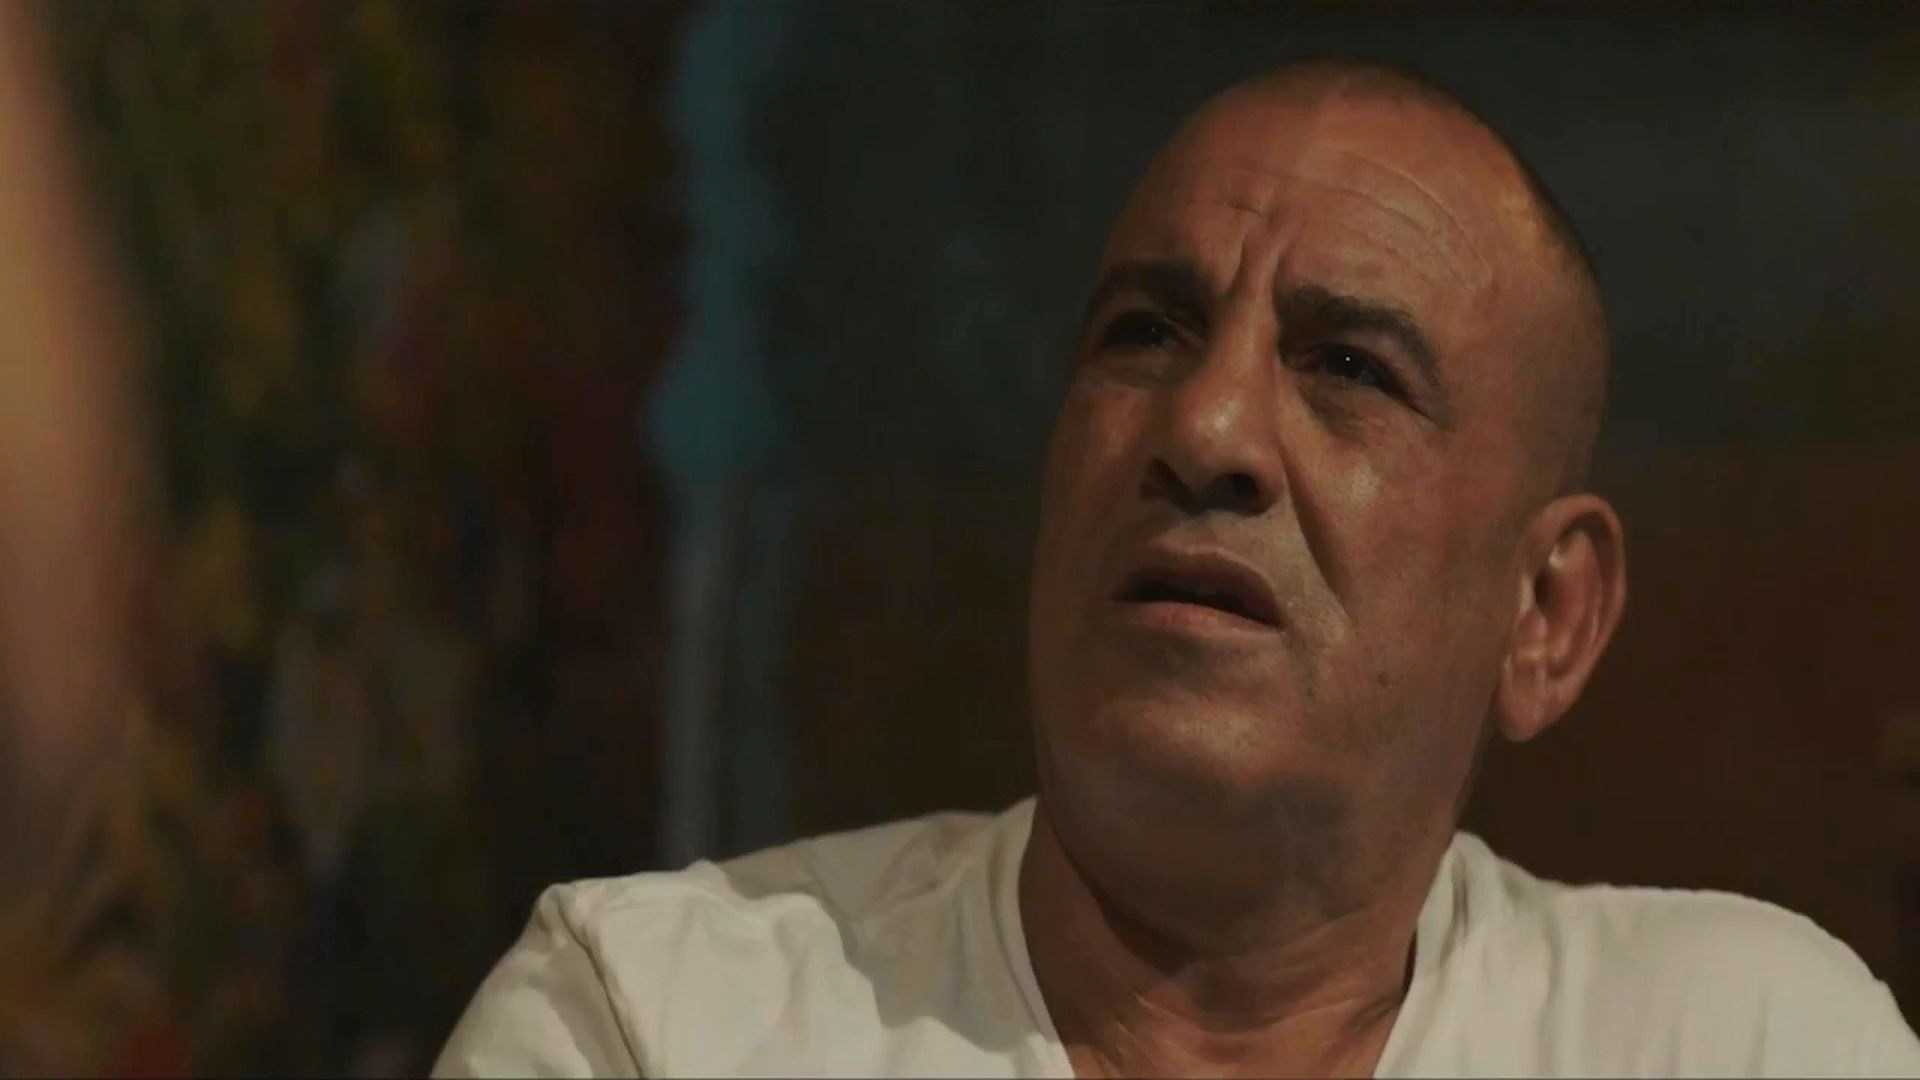 [فيلم][تورنت][تحميل][سوق الجمعة][2018][1080p][HDTV] 7 arabp2p.com